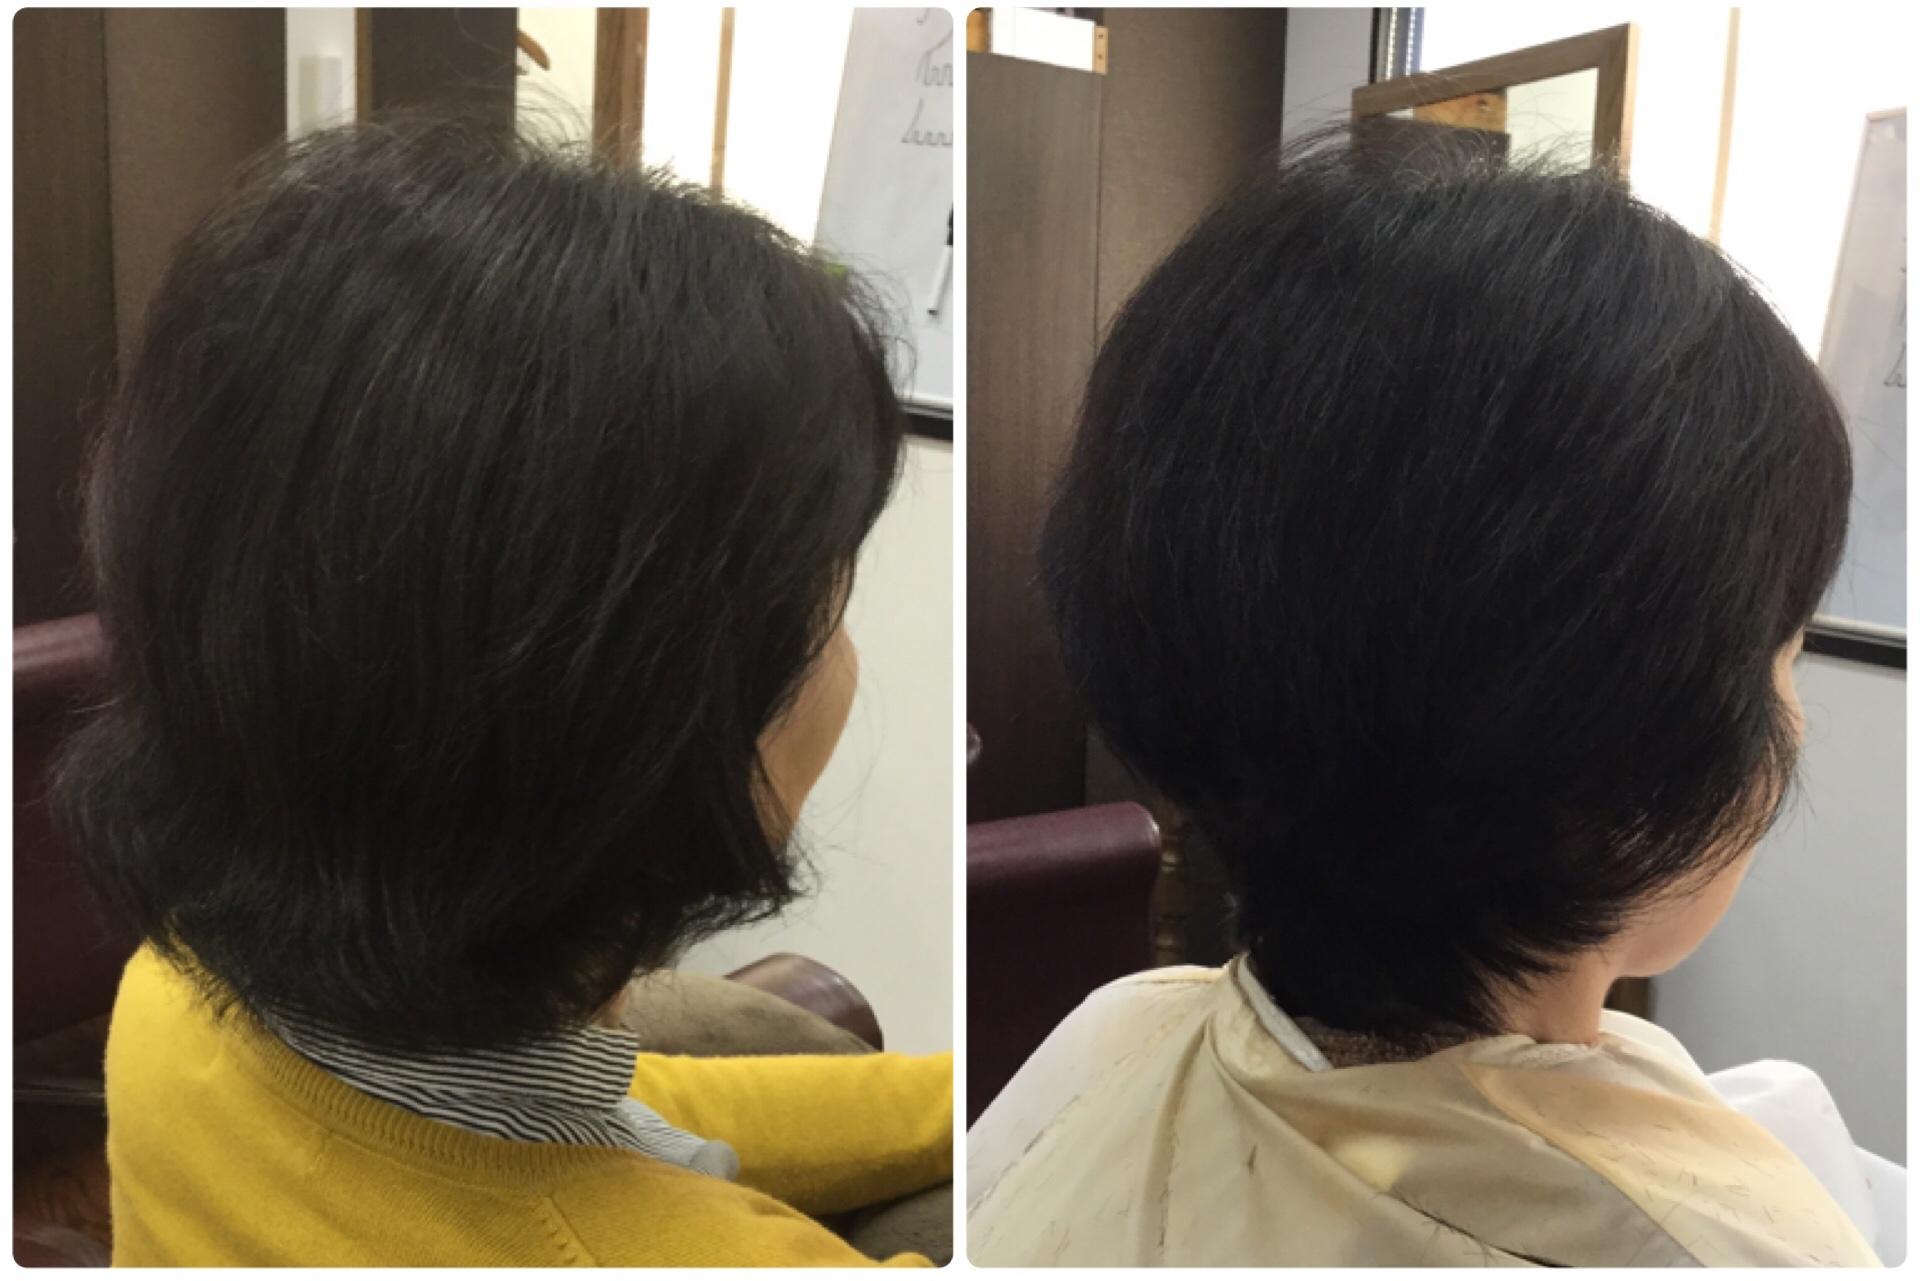 50代でくせ毛の悩みに縮毛矯正をしたら老けて見えるでしょ